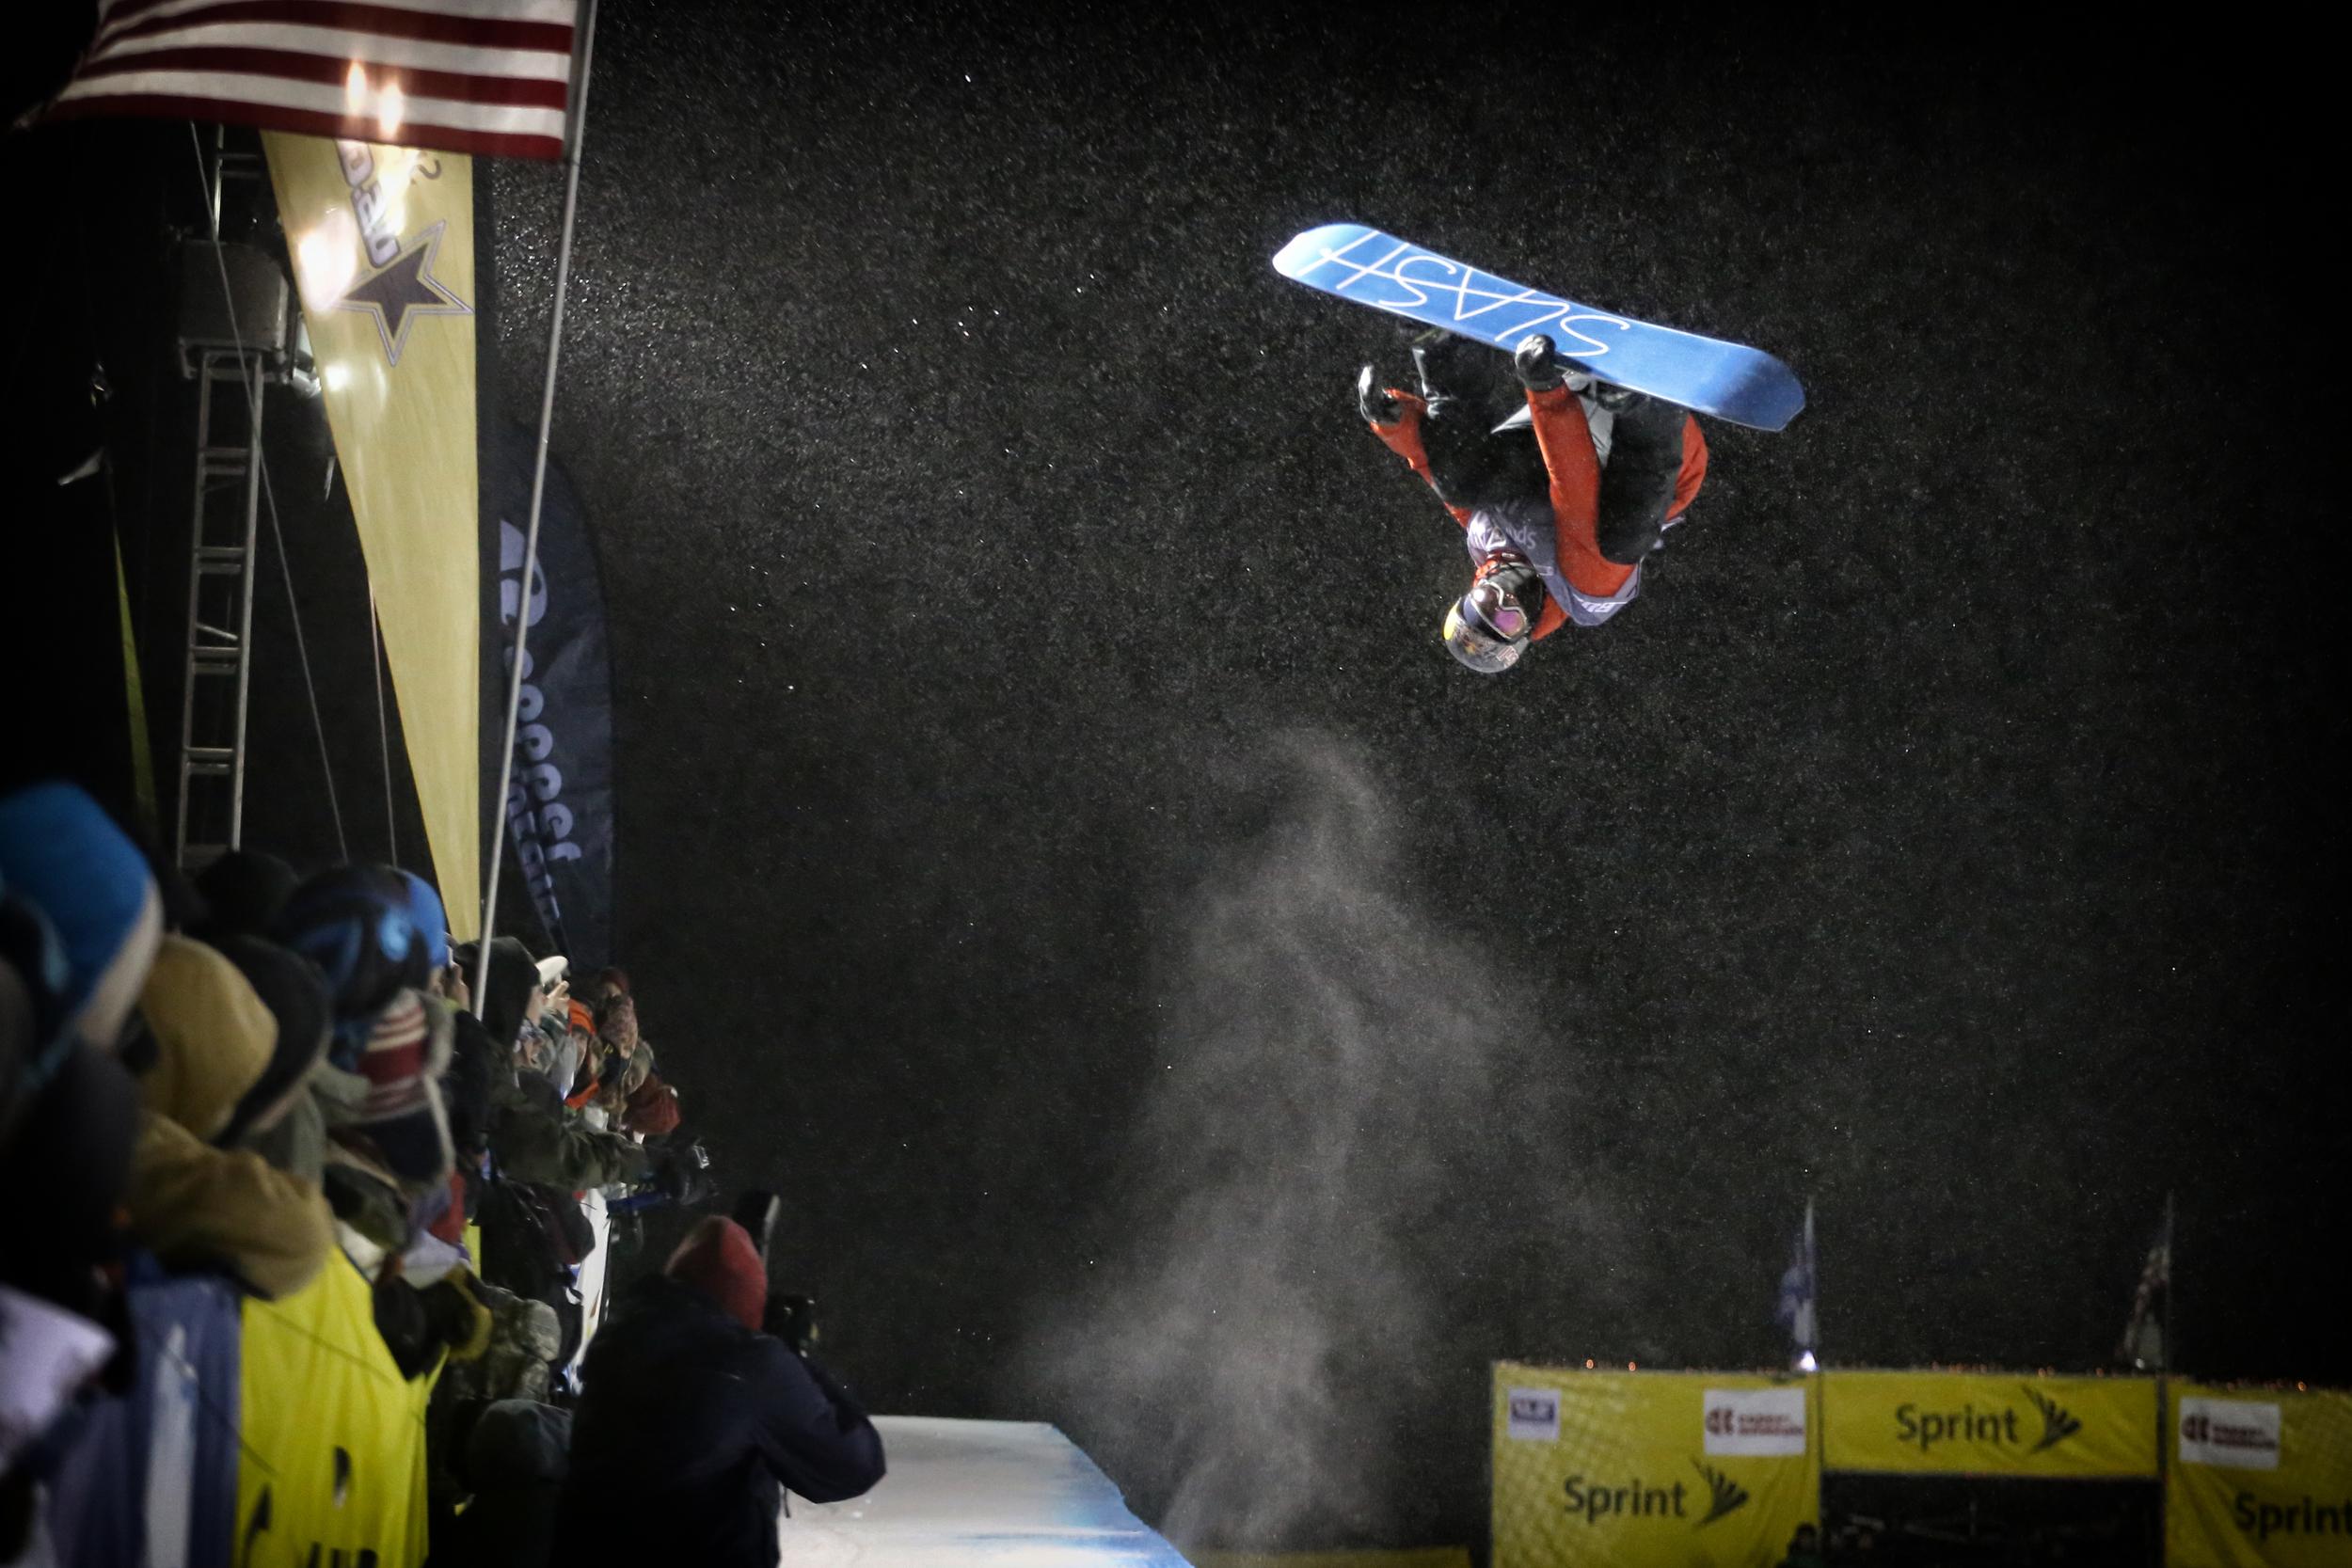 R: Greg Bretz courtesy of Copper Mountain Resort